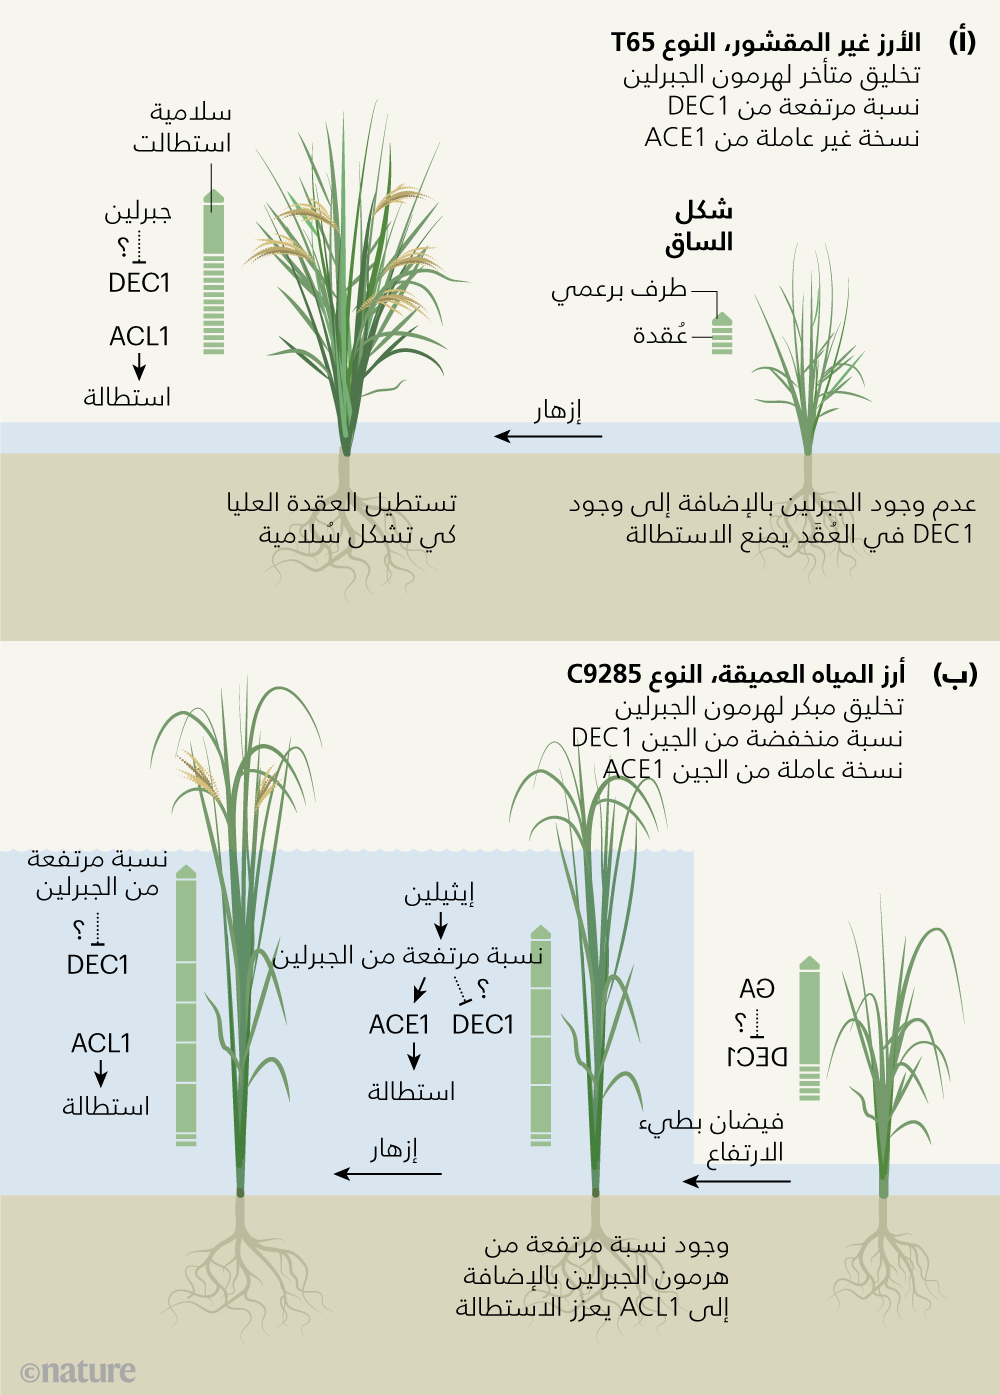 المحركات الجينية لاستطالة الأرز طويل الساق News Views